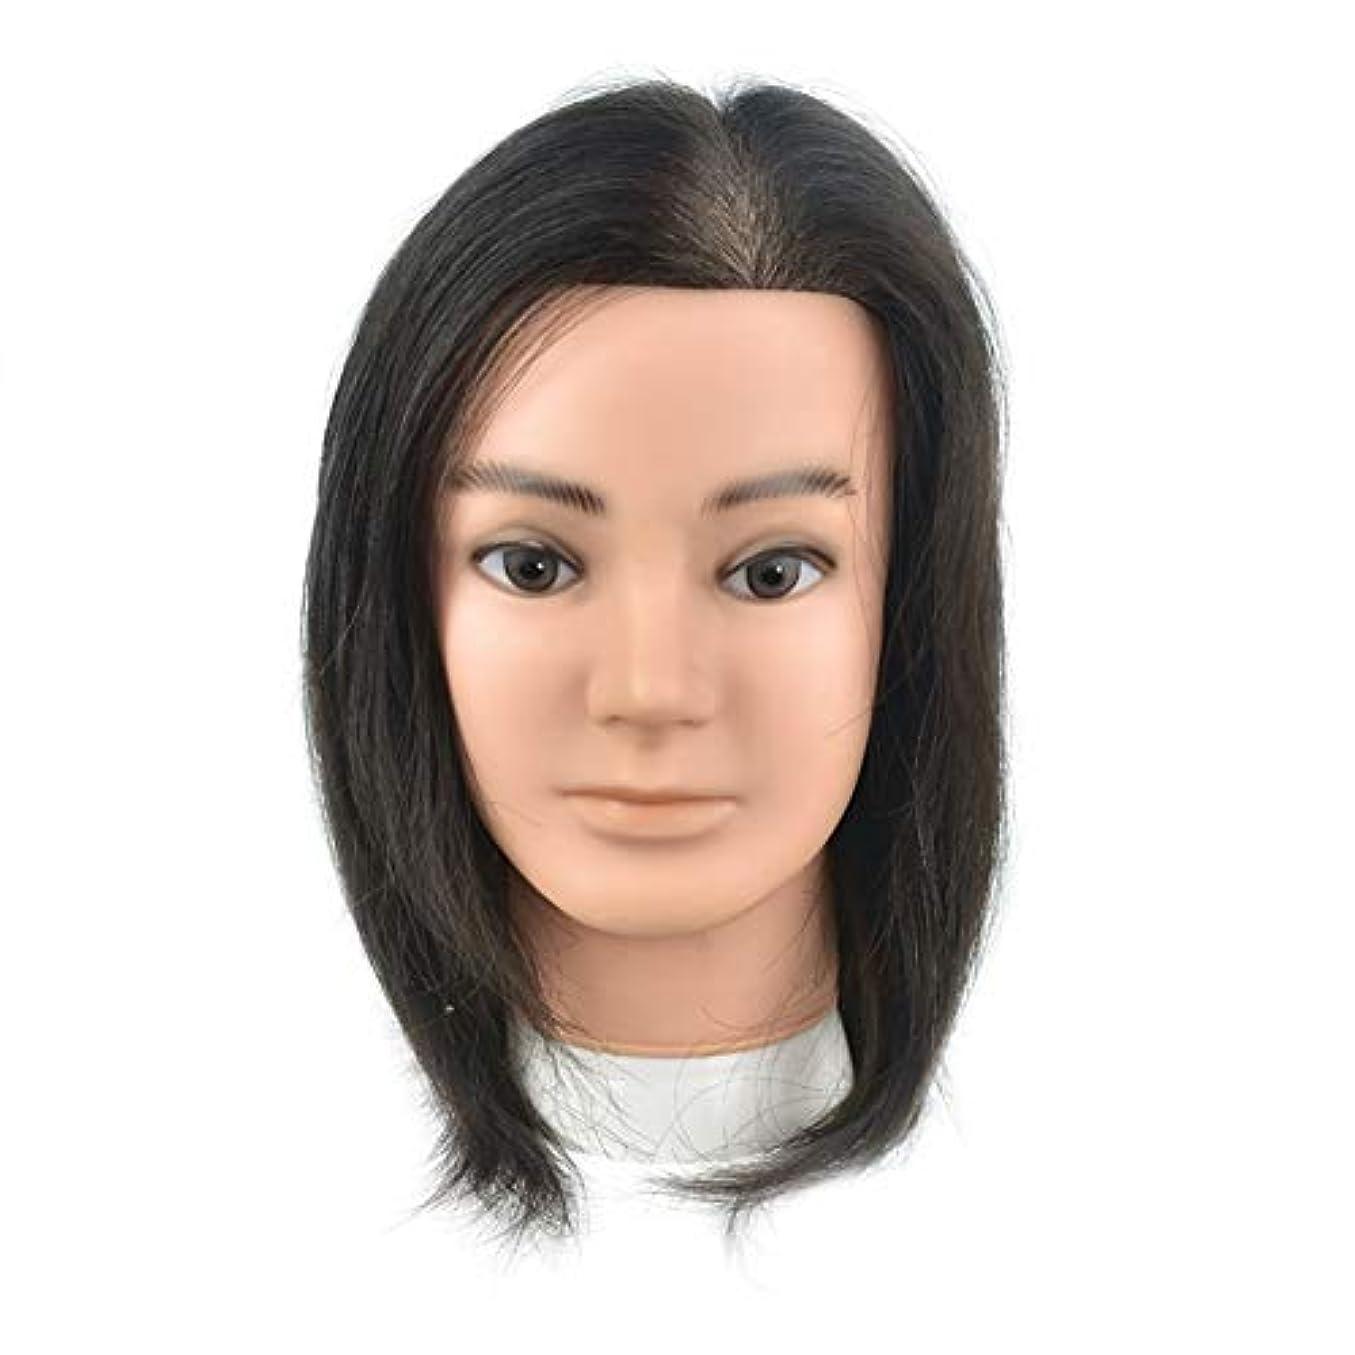 圧力スワップ予知リアルヘアスタイリングマネキンヘッド女性ヘッドモデル教育ヘッド理髪店編組ヘア染色学習ダミーヘッド